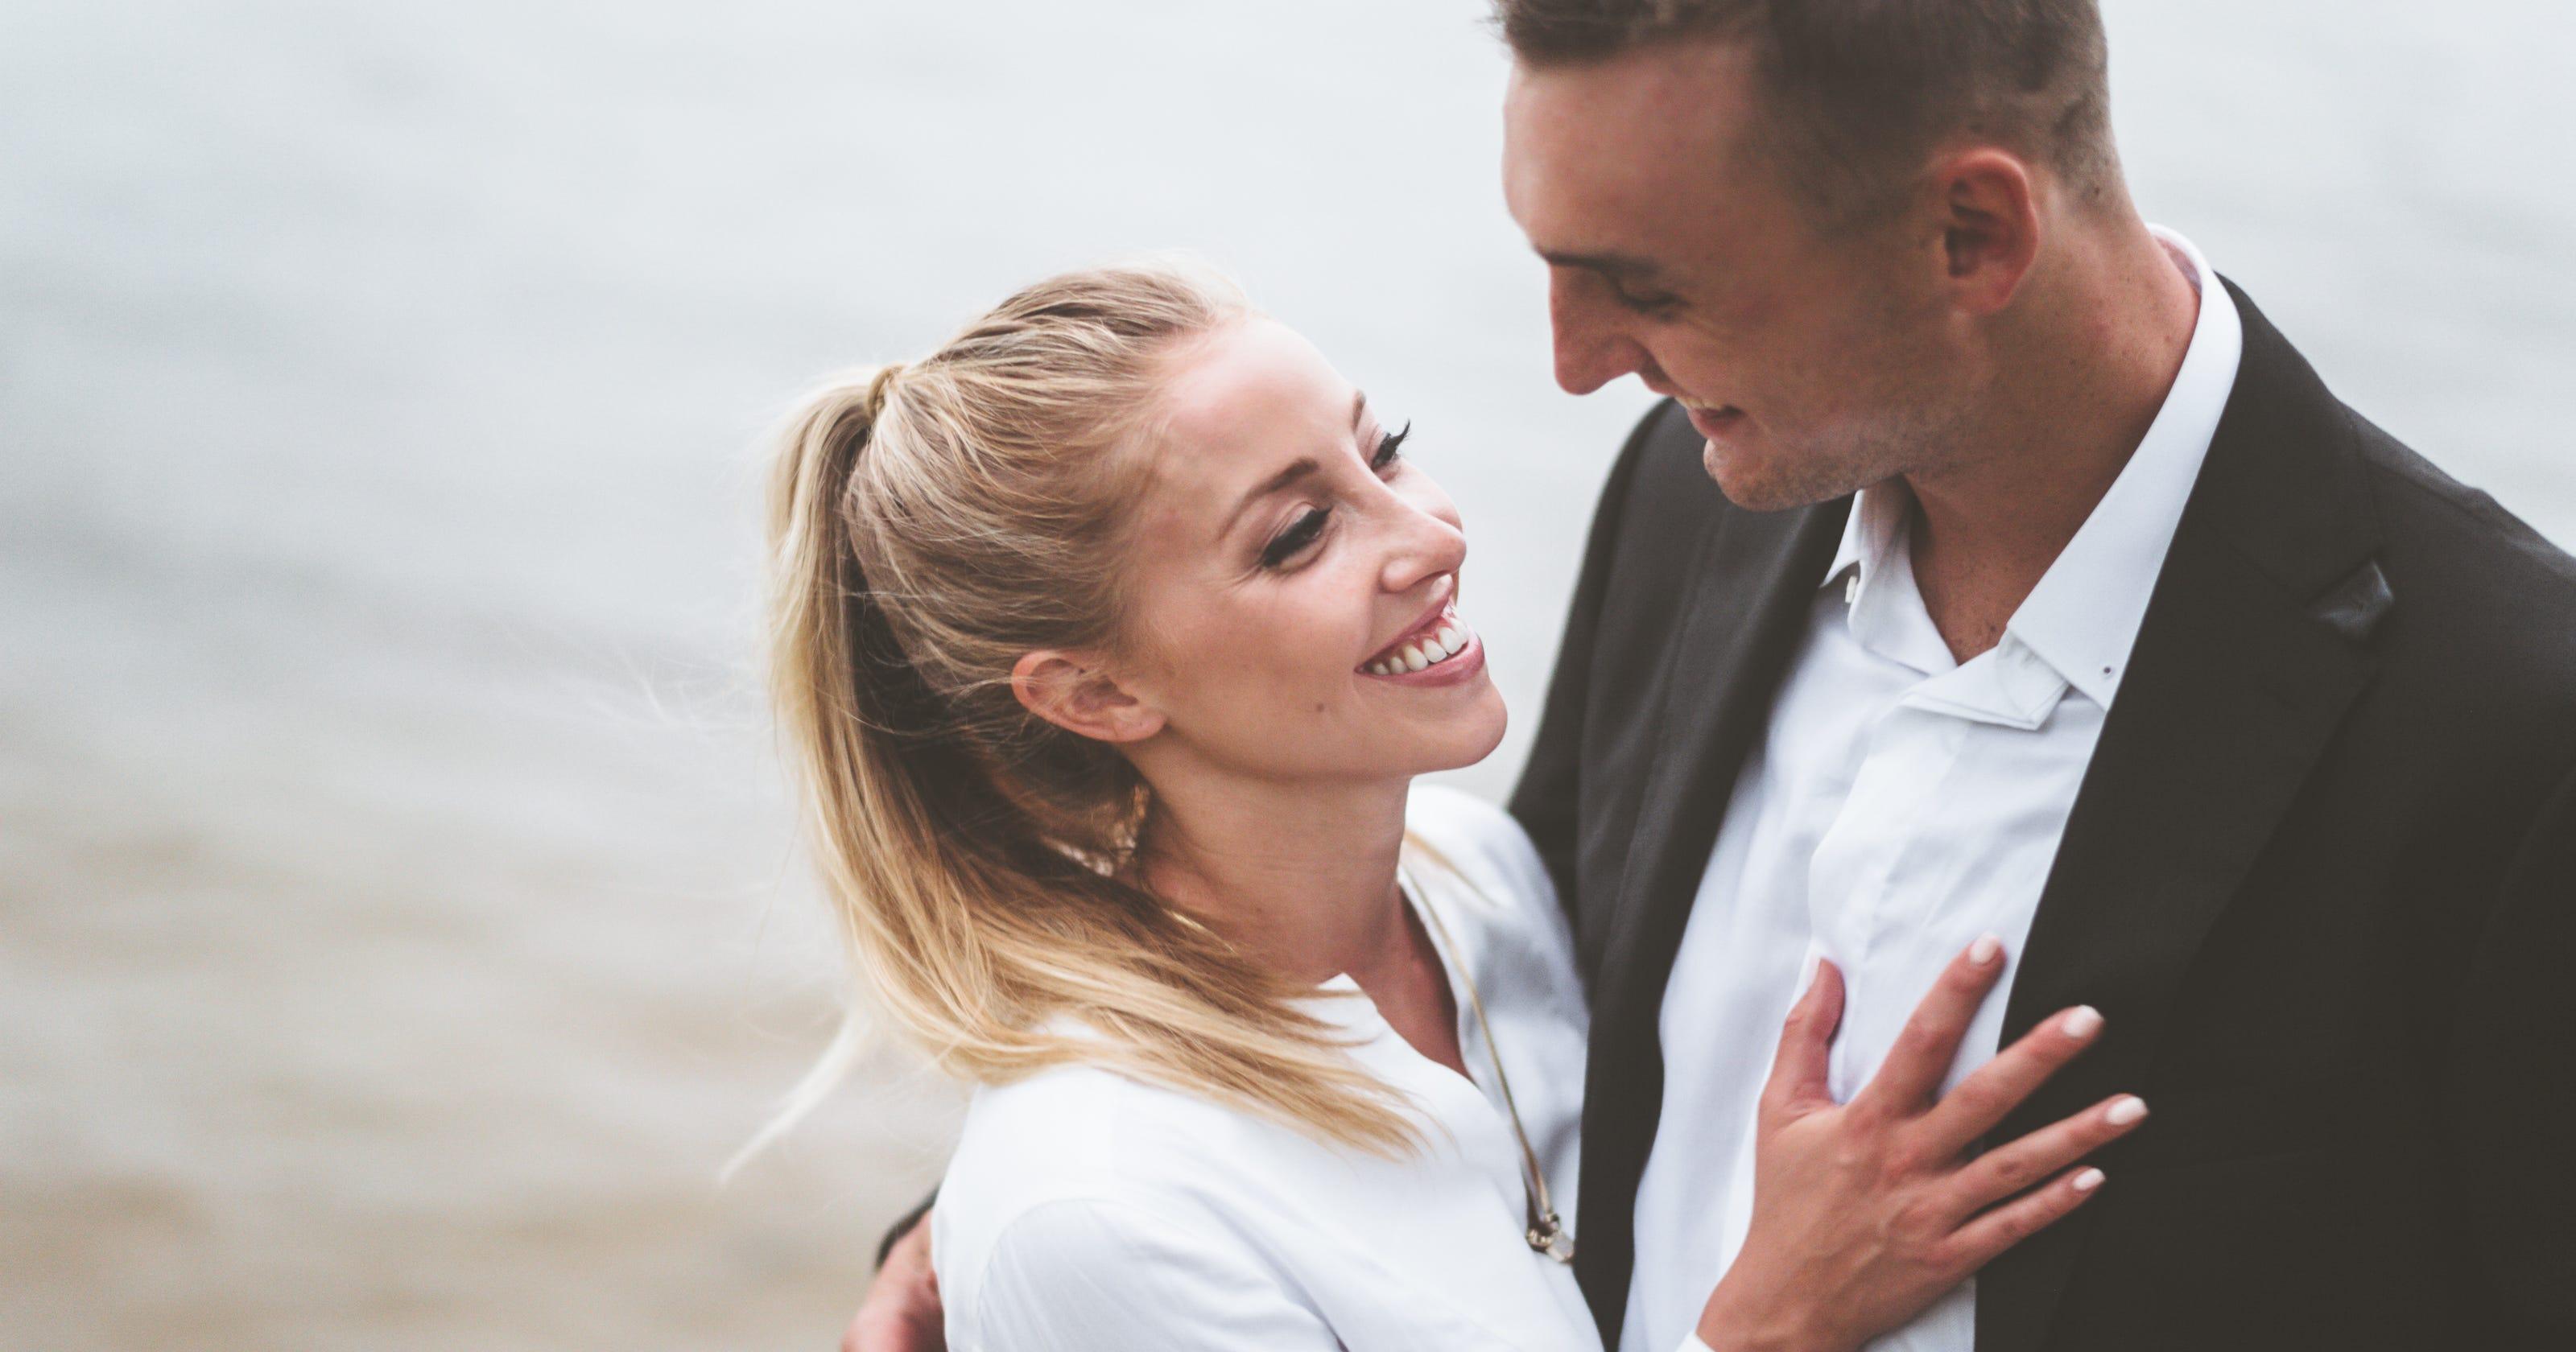 100% authentic 57fbe dea6e UW star Sam Dekker married to ESPN's Olivia Harlan in Door ...